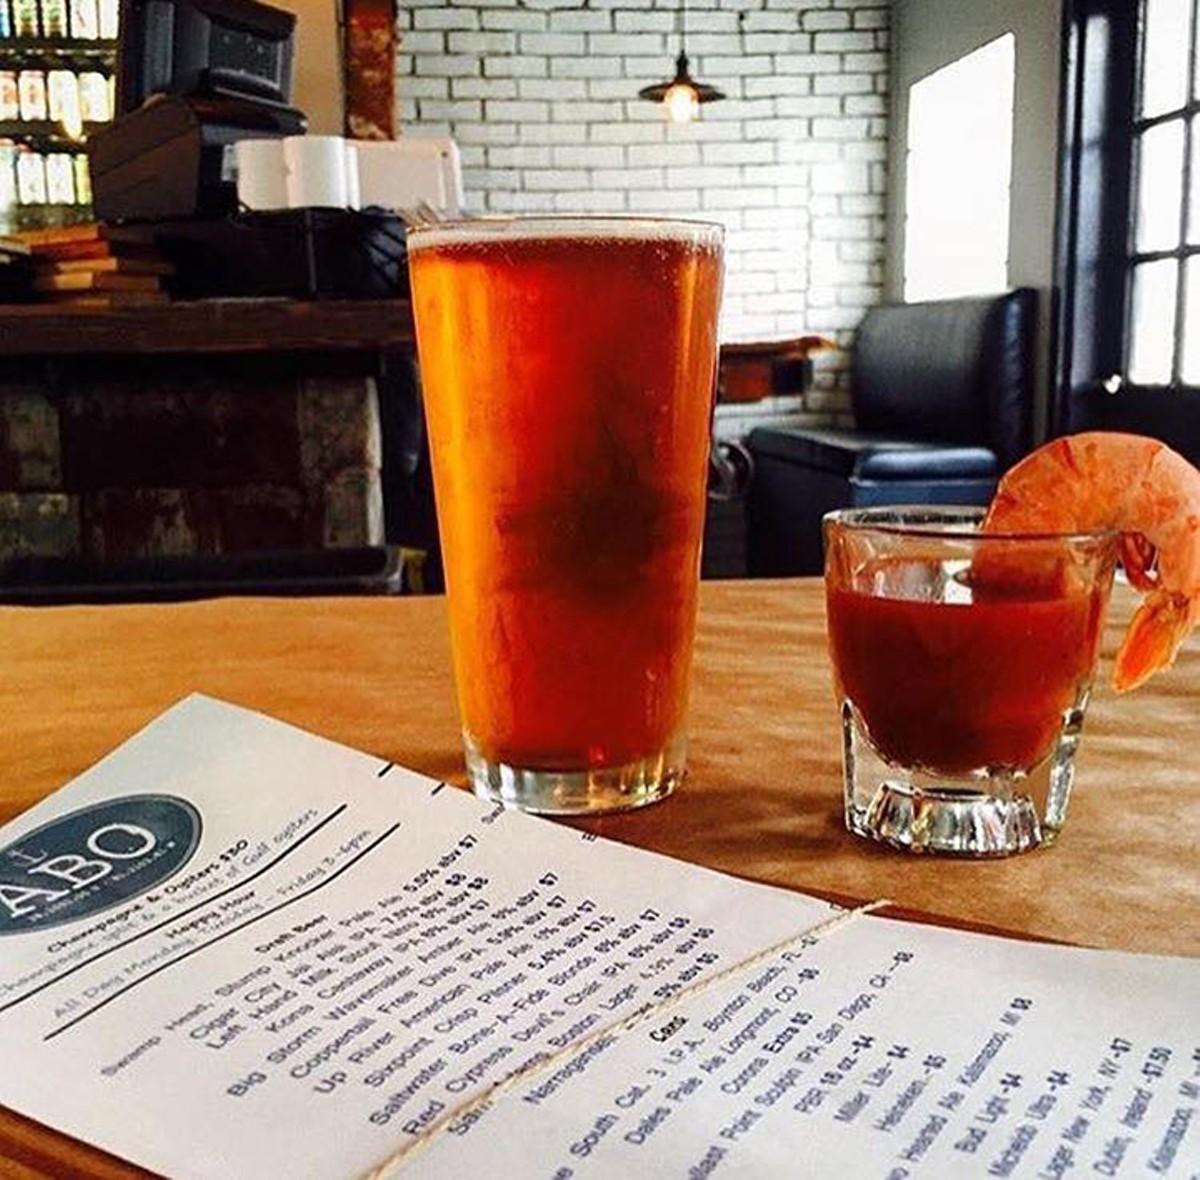 gal_red_cypress_beer_dinner_at_abo.jpg